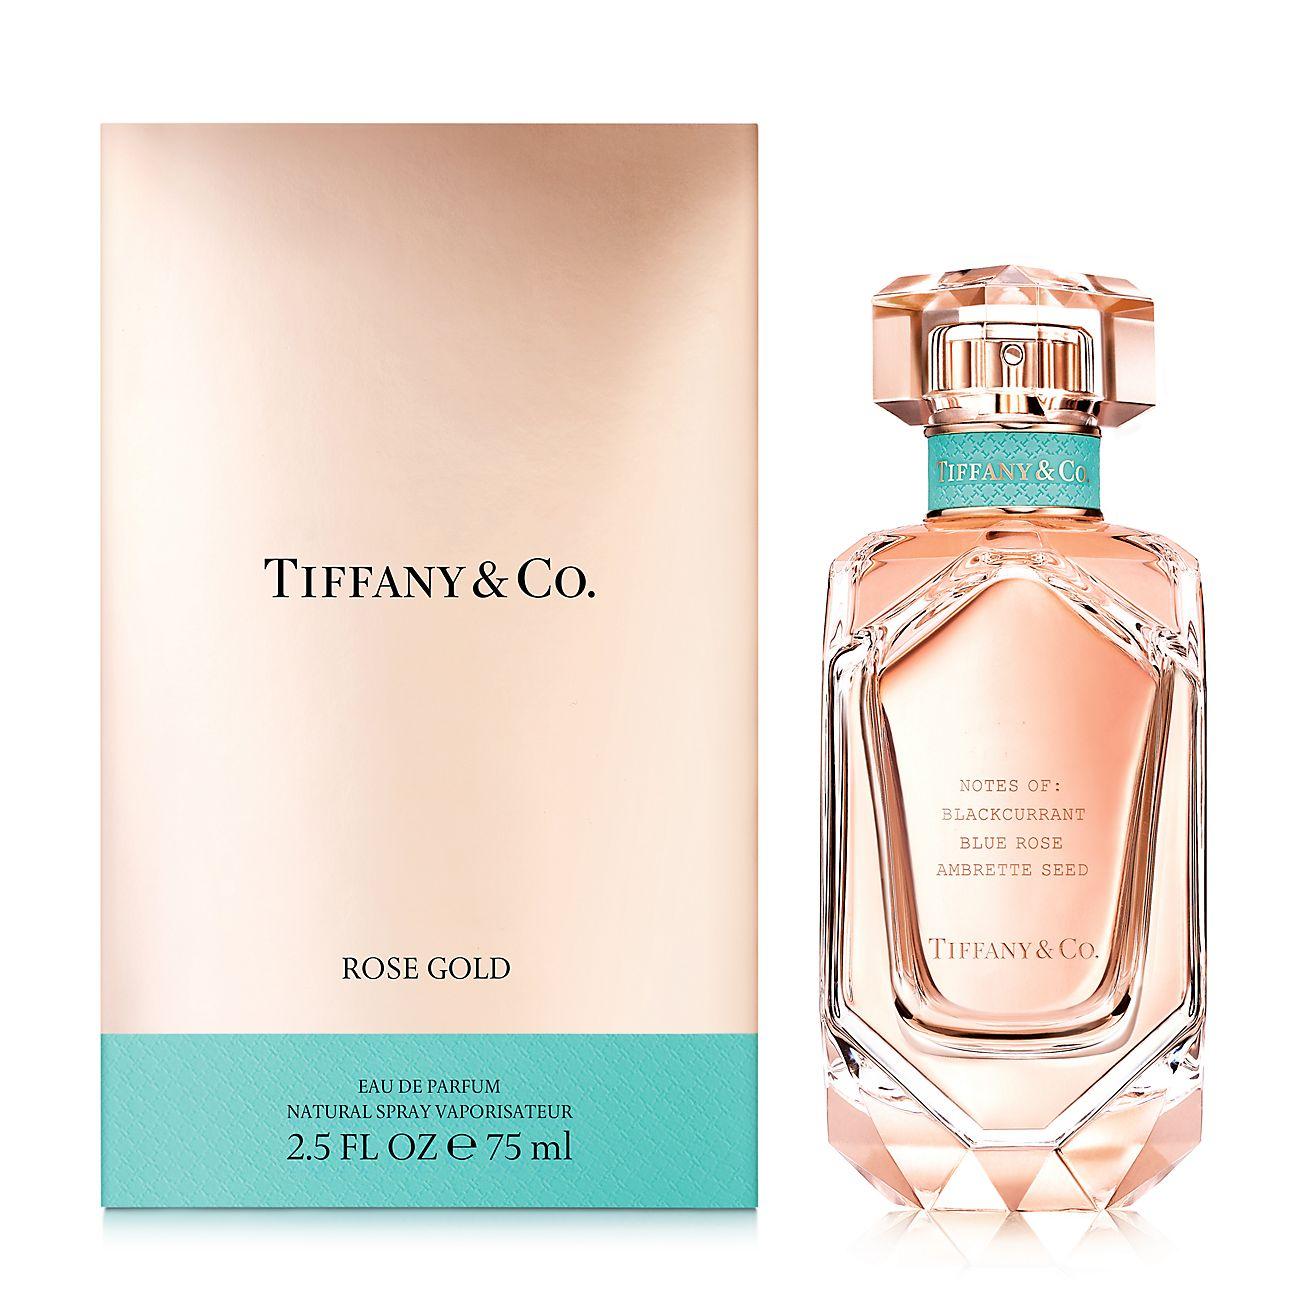 ادوپرفیوم تیفانی رز گلد-Tiffany & Co Rose Gold